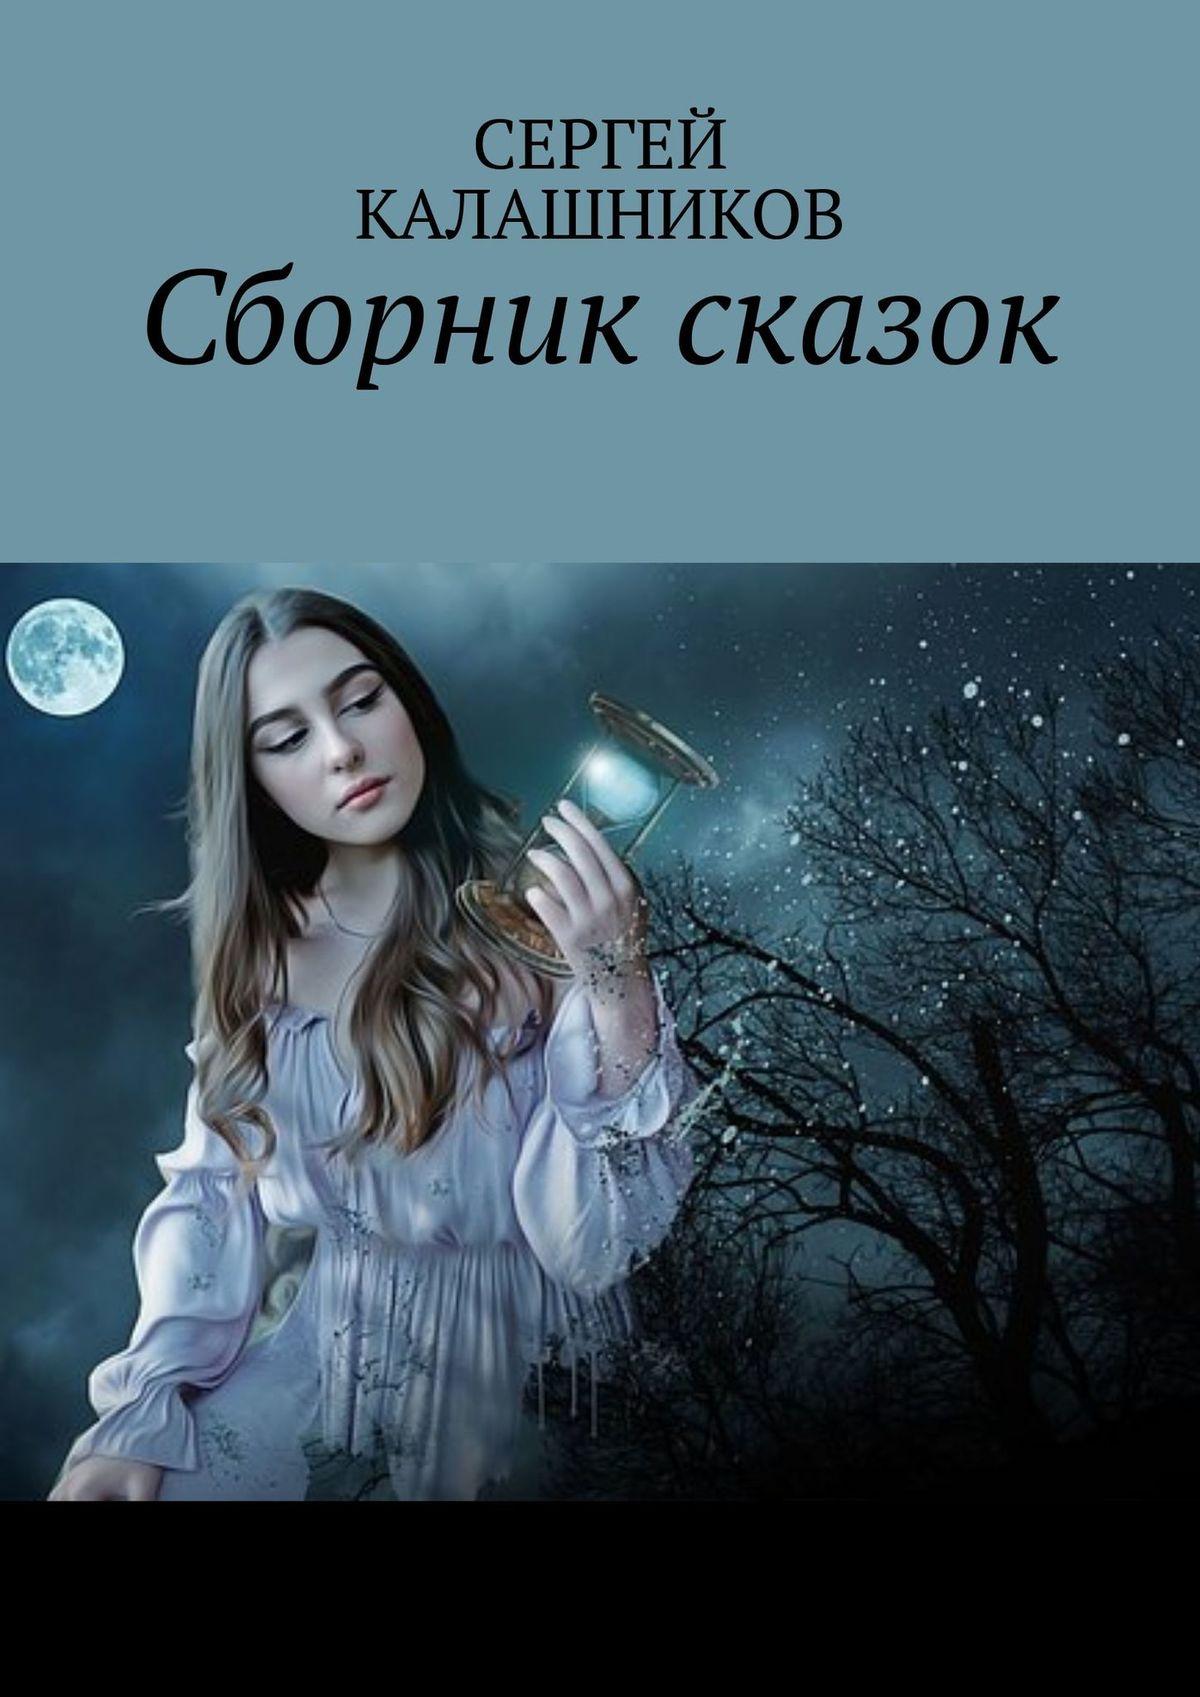 Сергей Юрьевич Калашников Моя милая Натали. Сборник сказок